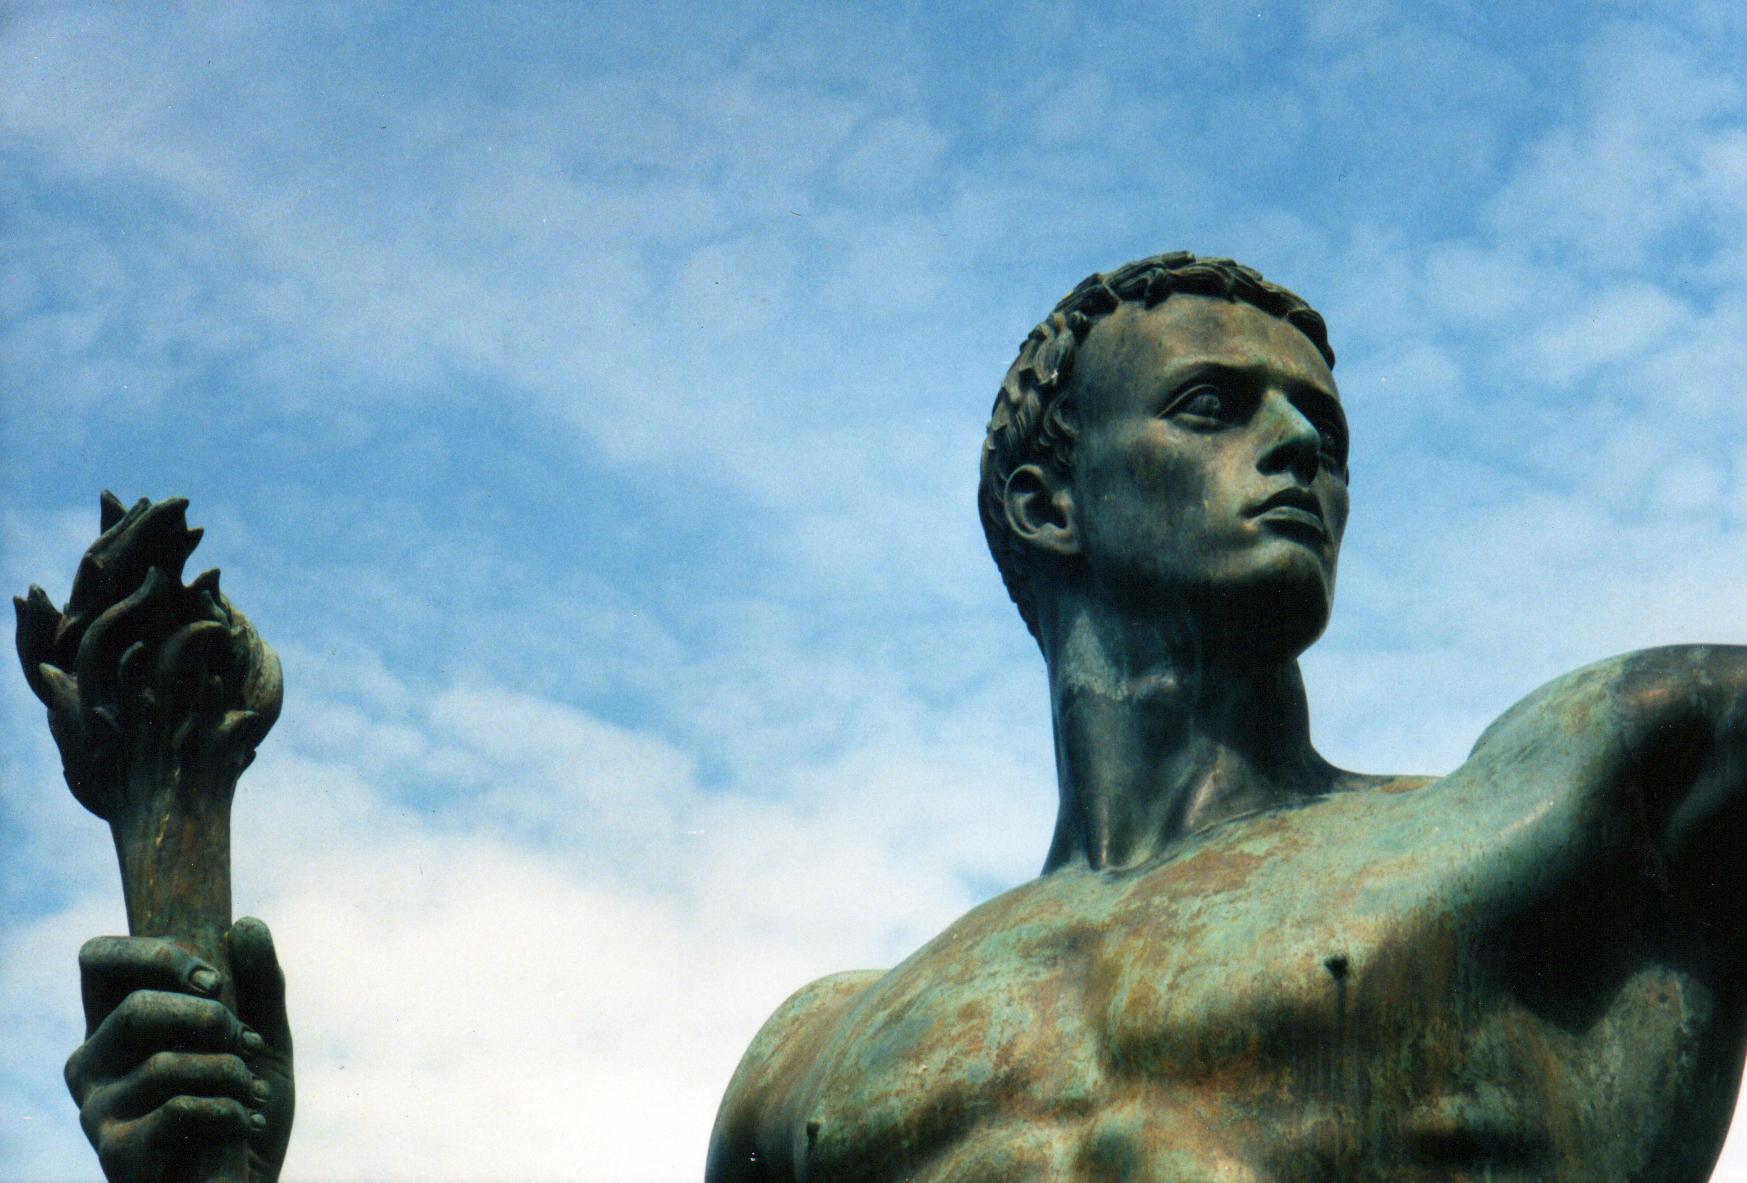 Die Partei. Allegorische Skulptur von Arno Breker.